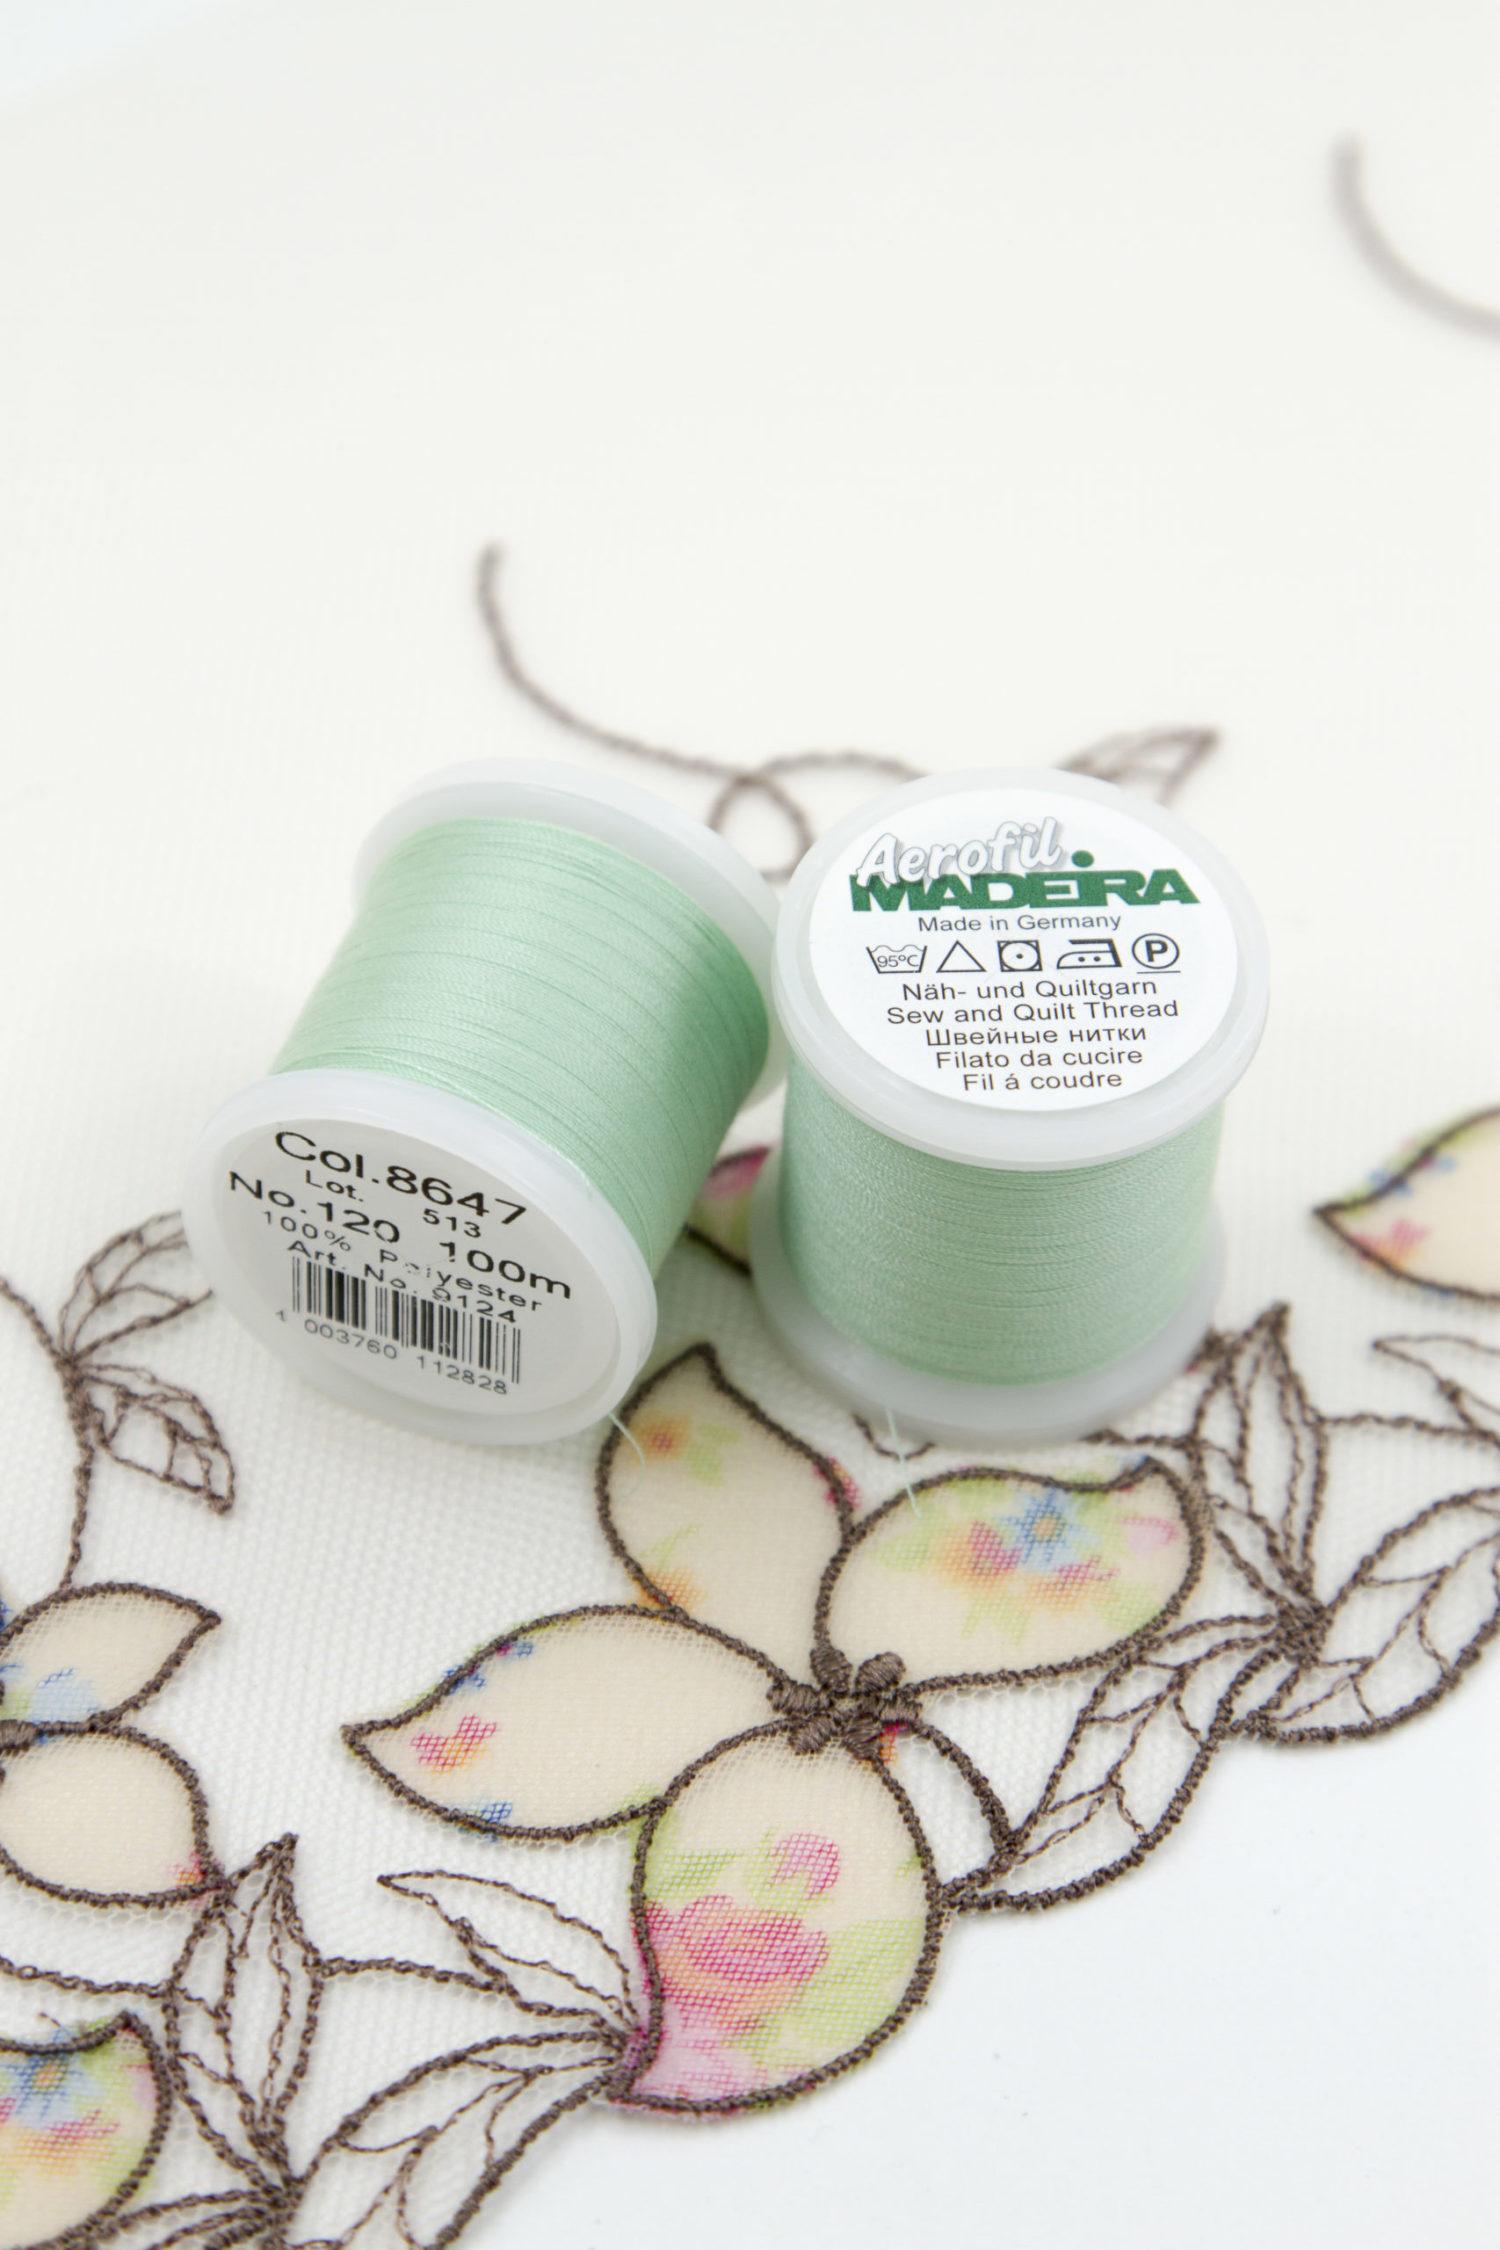 Нитки швейные Madeira aerofil №120 Col. 8647 пастельно-ментоловые